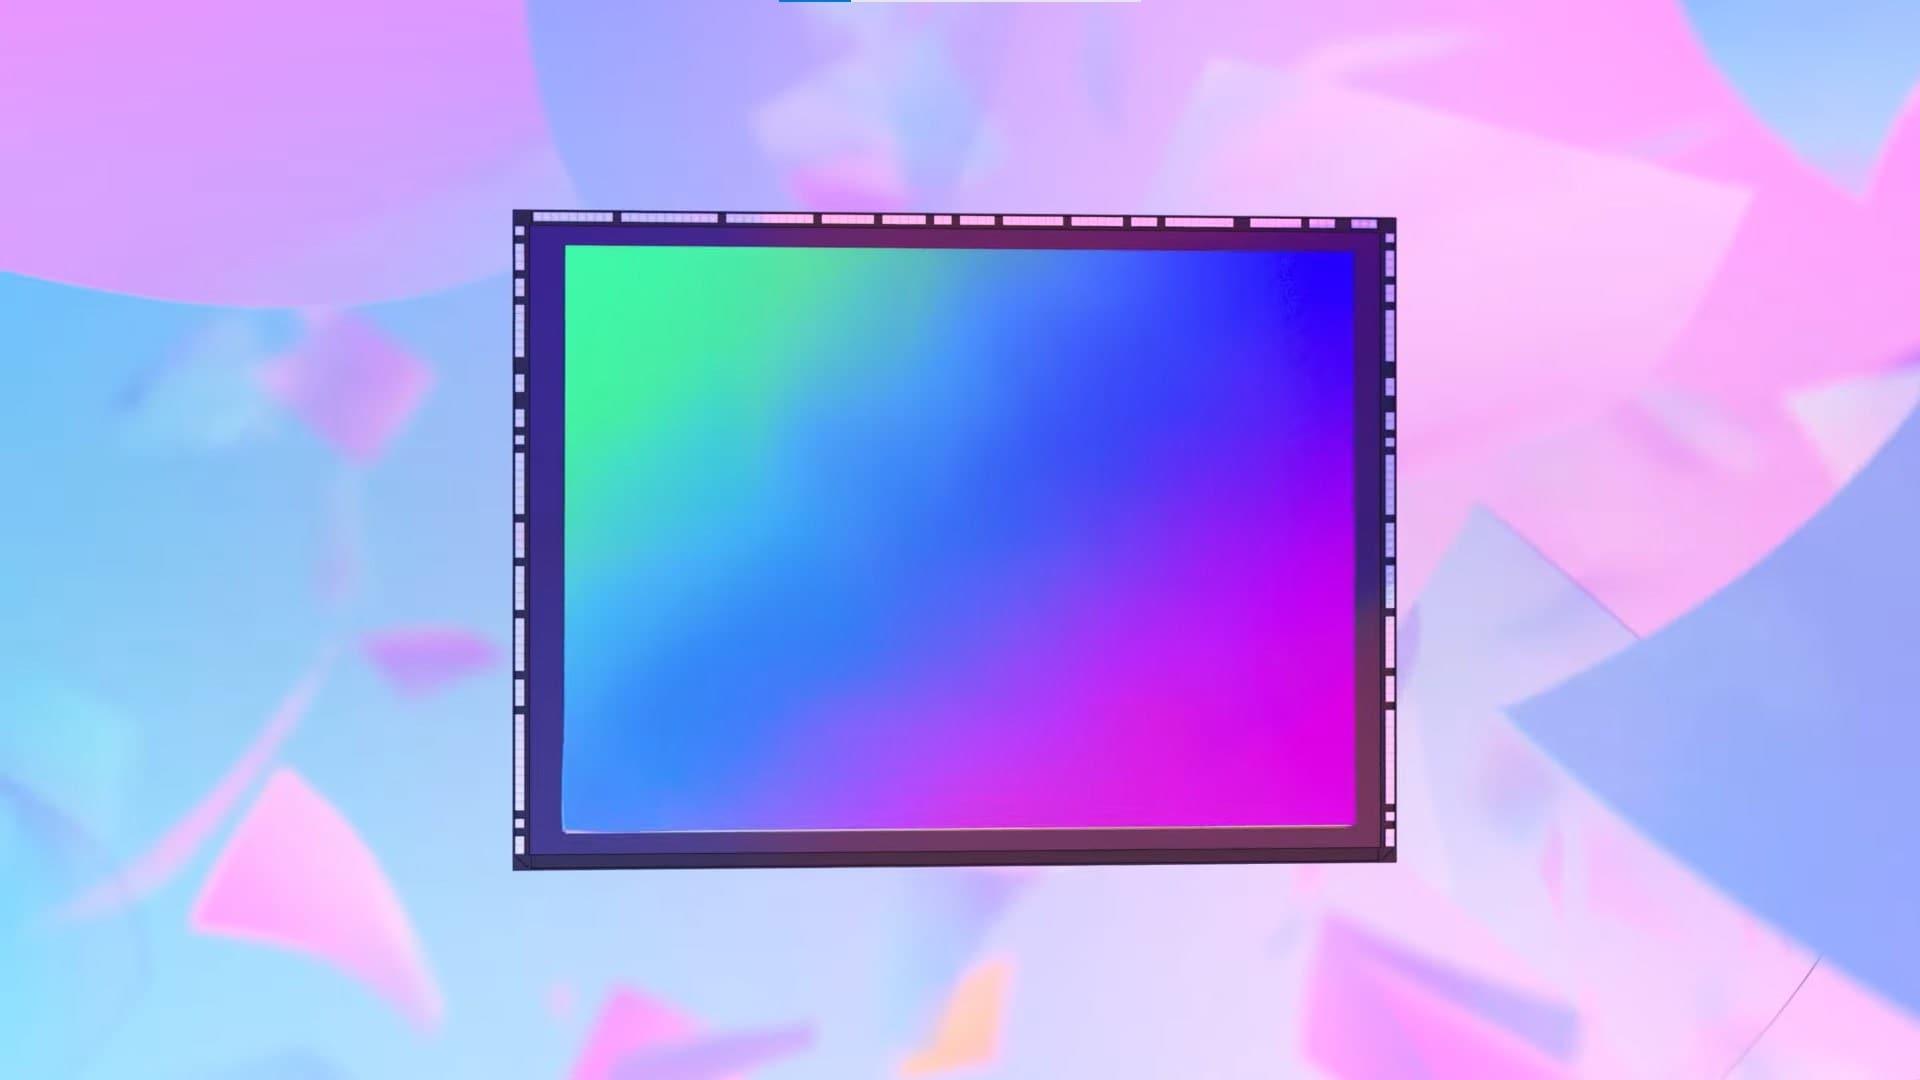 Le capteur Samsung ISOCELL JN1 prend également en charge l'enregistrement Full HD à 240 ips.  Image: Samsung